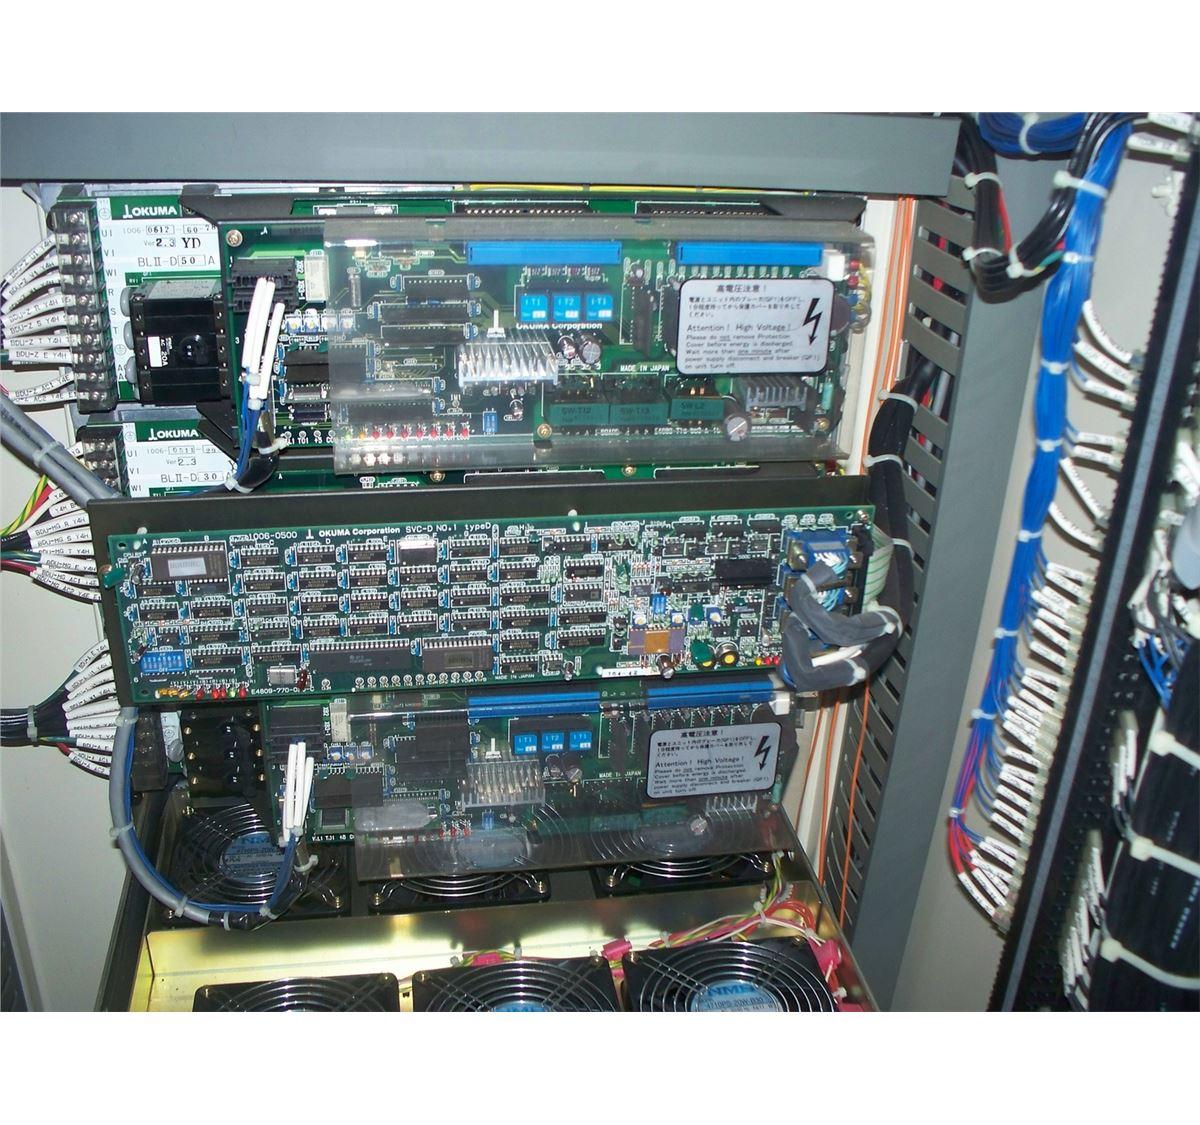 1996 Okuma Cadet V4020 CNC Vertical Machining Center